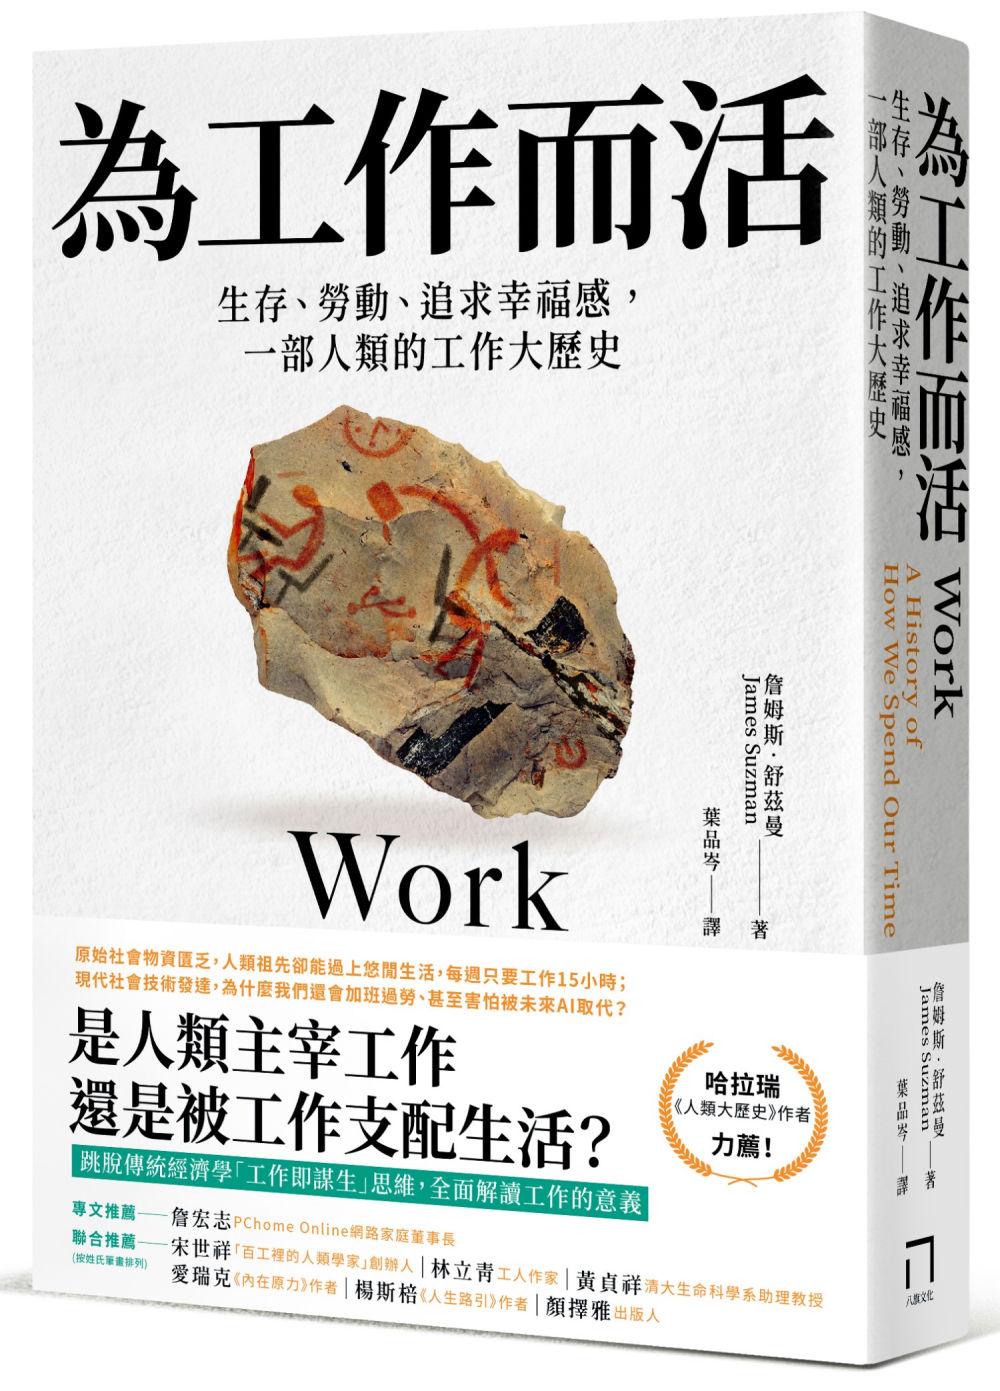 為工作而活:生存、勞動、追求幸...